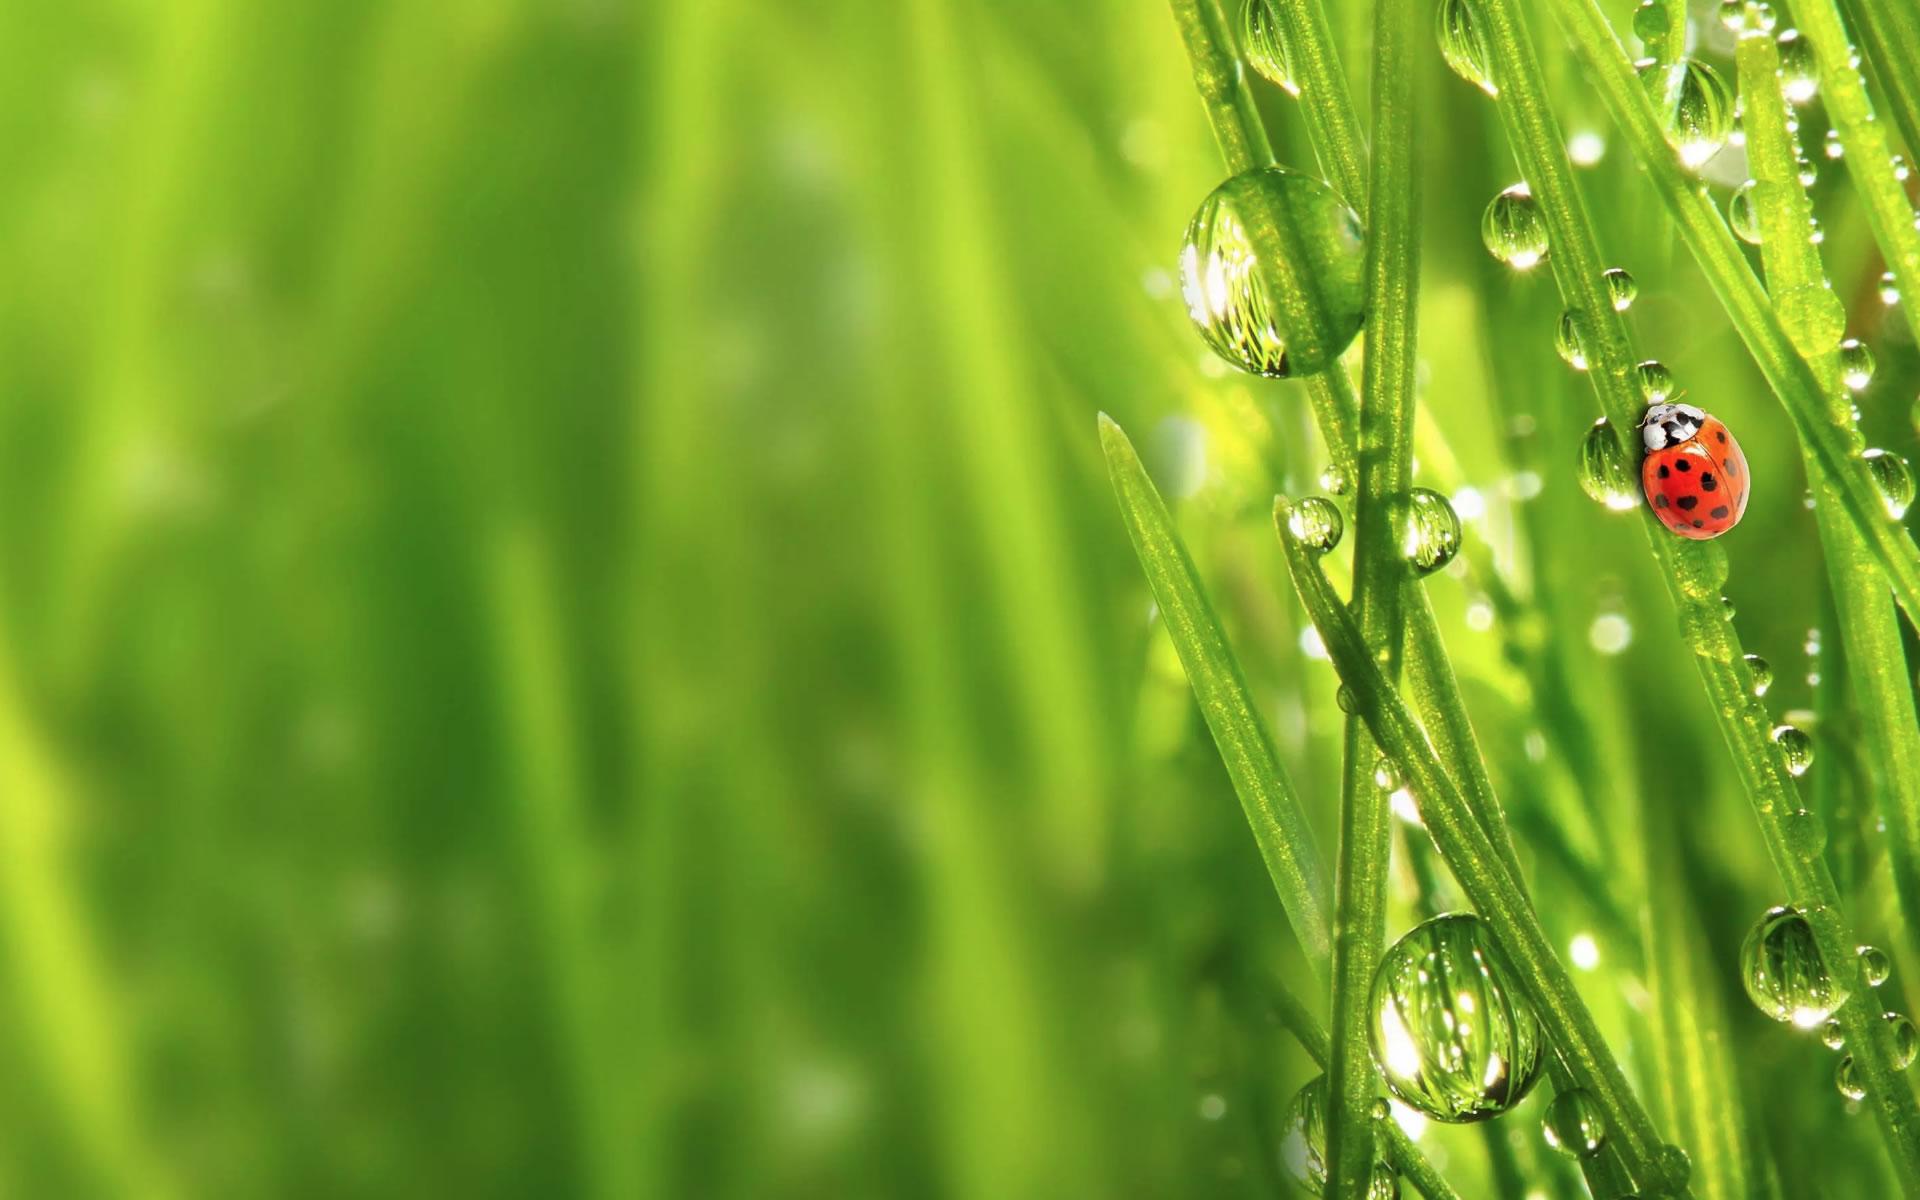 download wallpaper: bedauwd gras met een lieveheersbeestje wallpaper